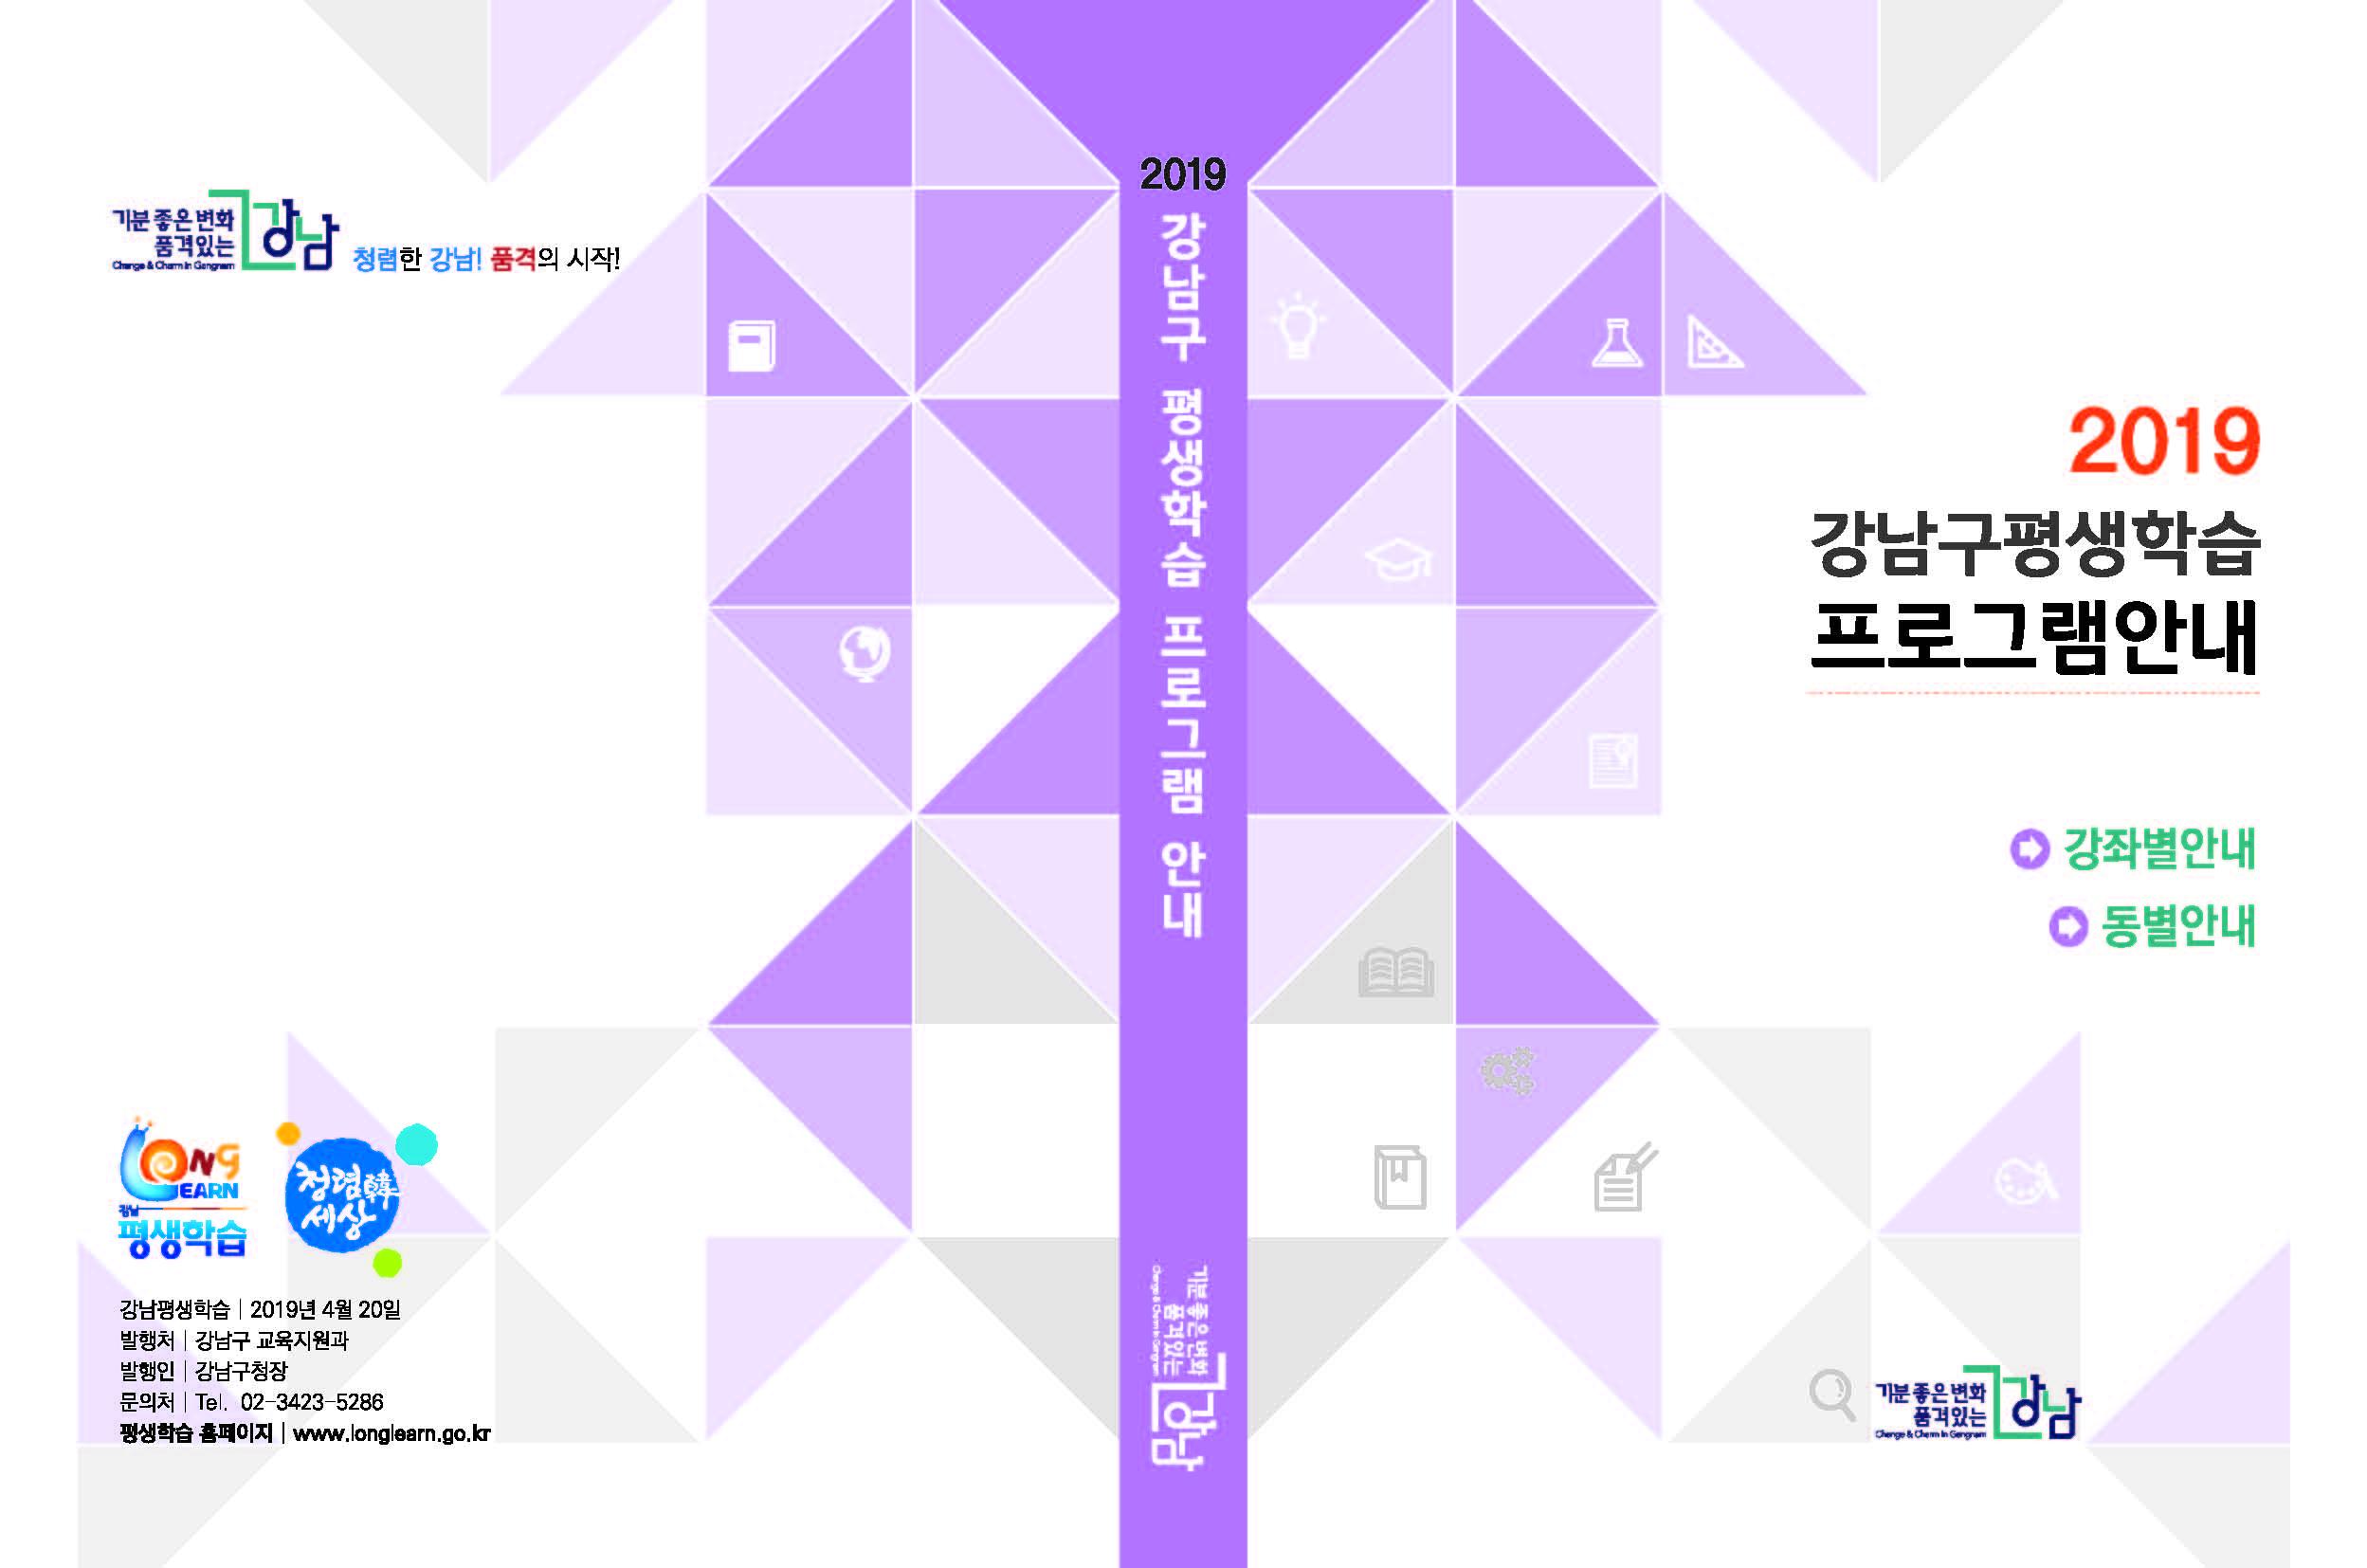 2019 강남구 평생학습 프로그램 안내 책자